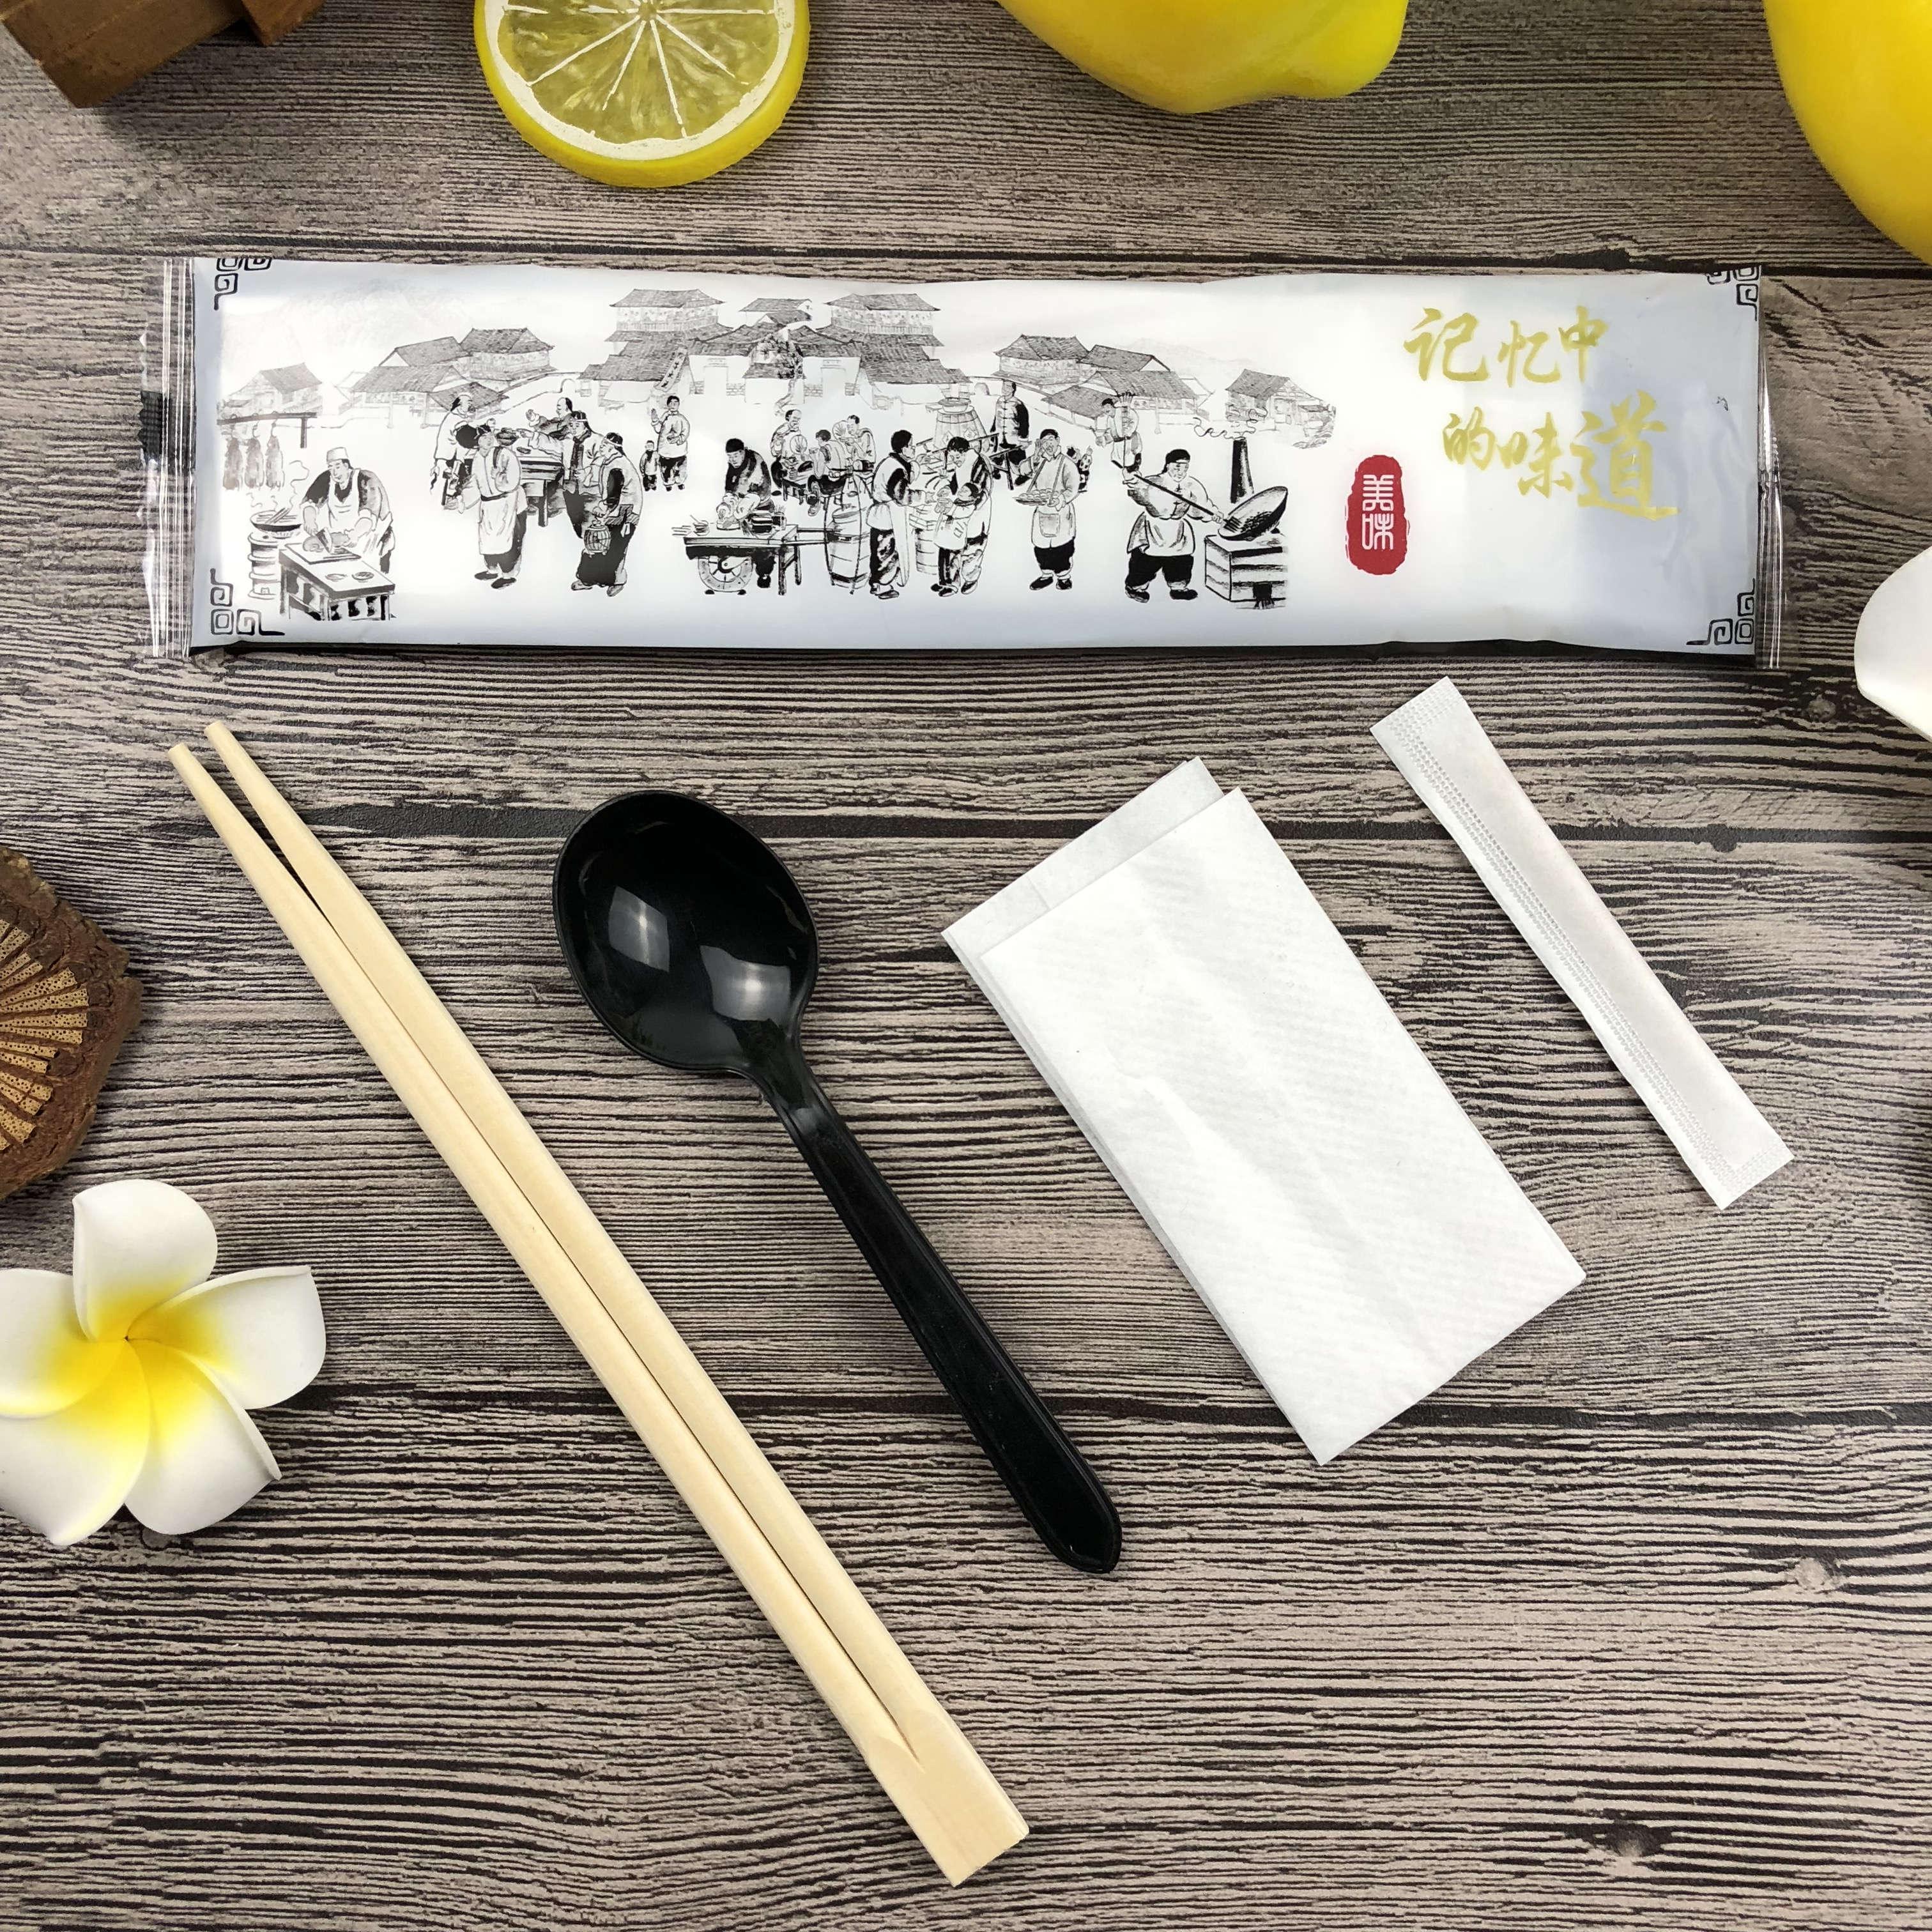 一次性筷子四件套四合一餐具包套装外送打包快餐酒店订做定製详细照片